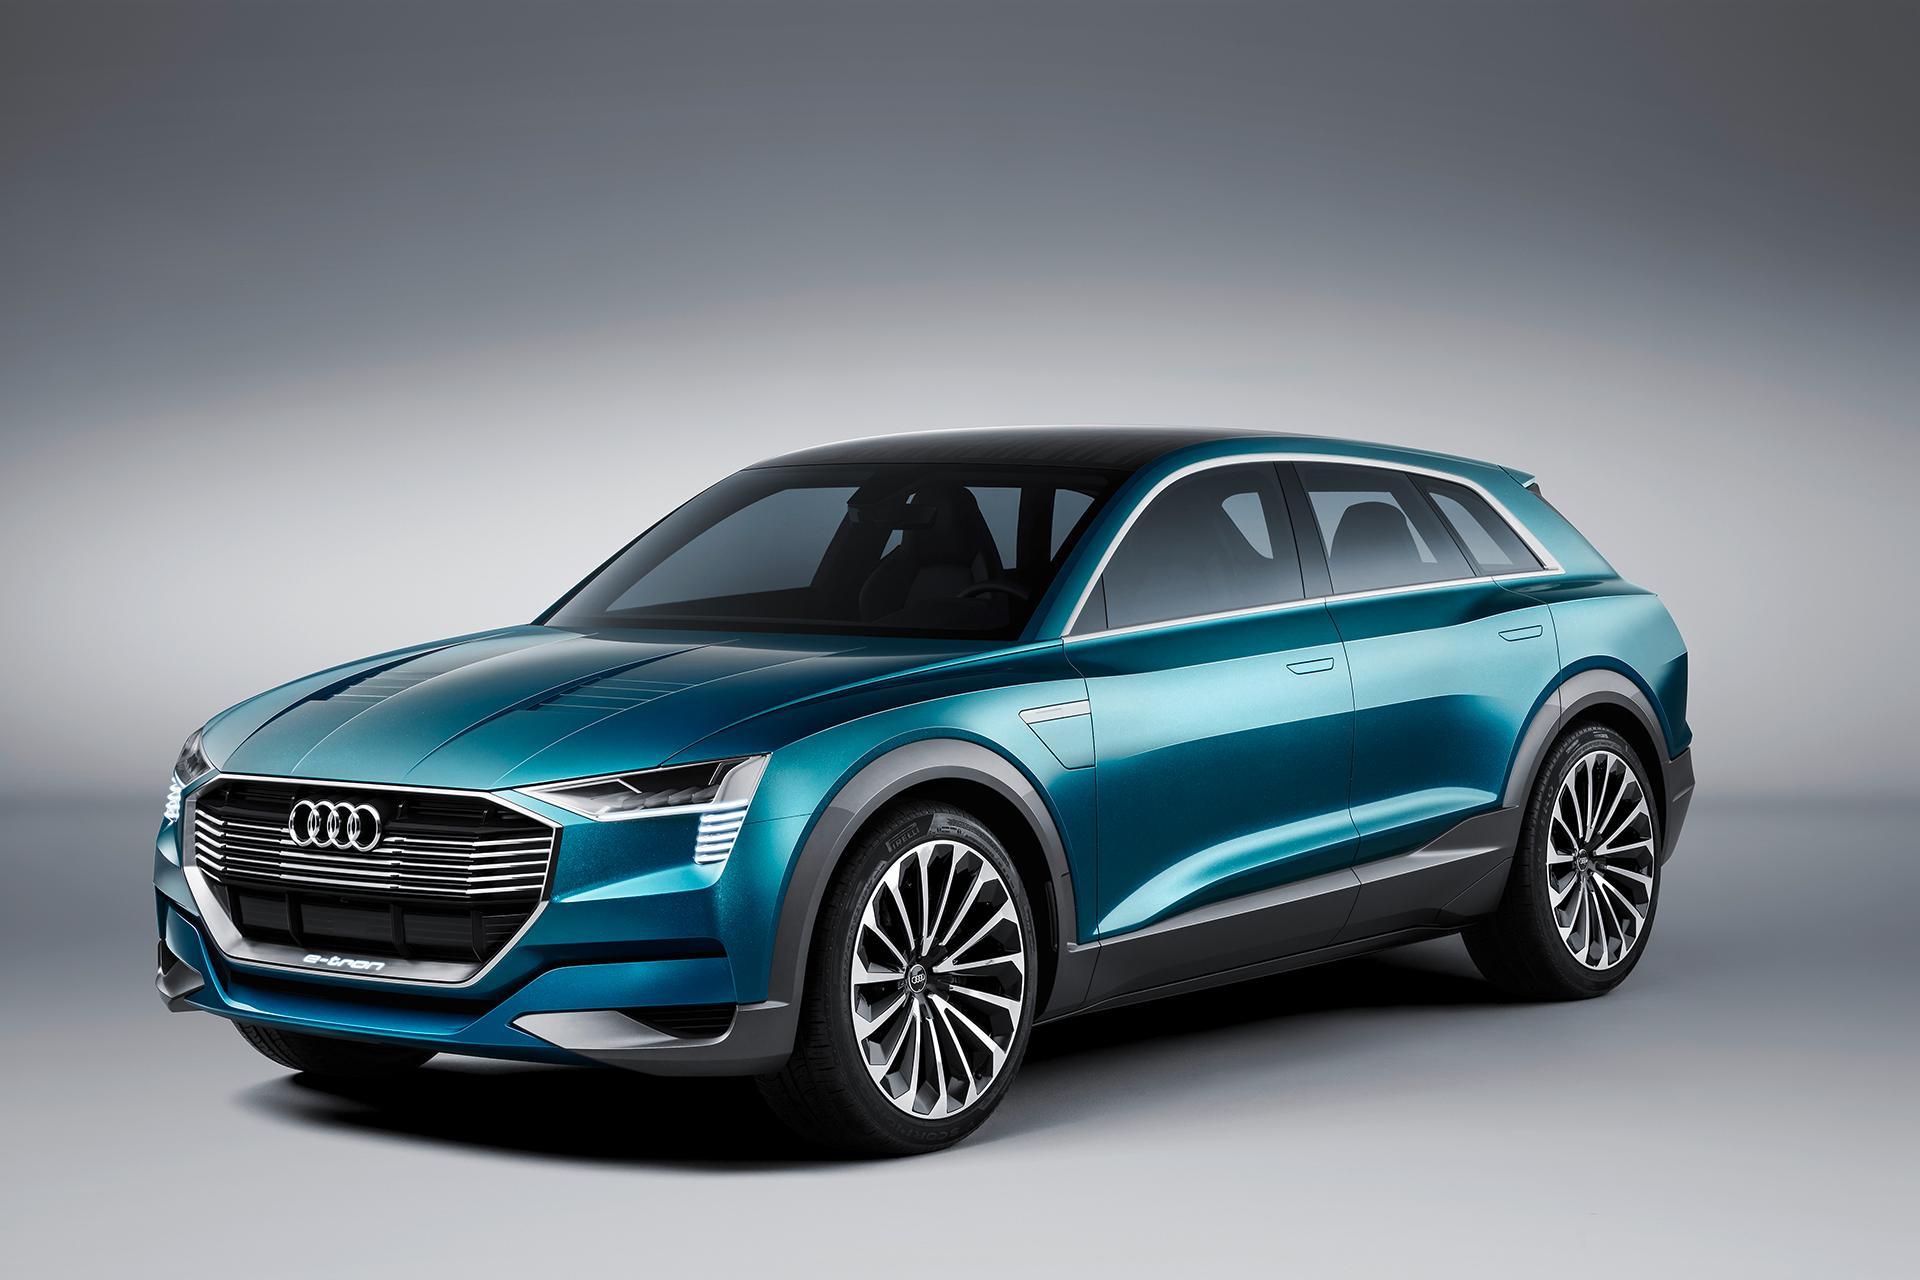 Audi e-tron quattro concept - 2016 - front side-face / profil avant